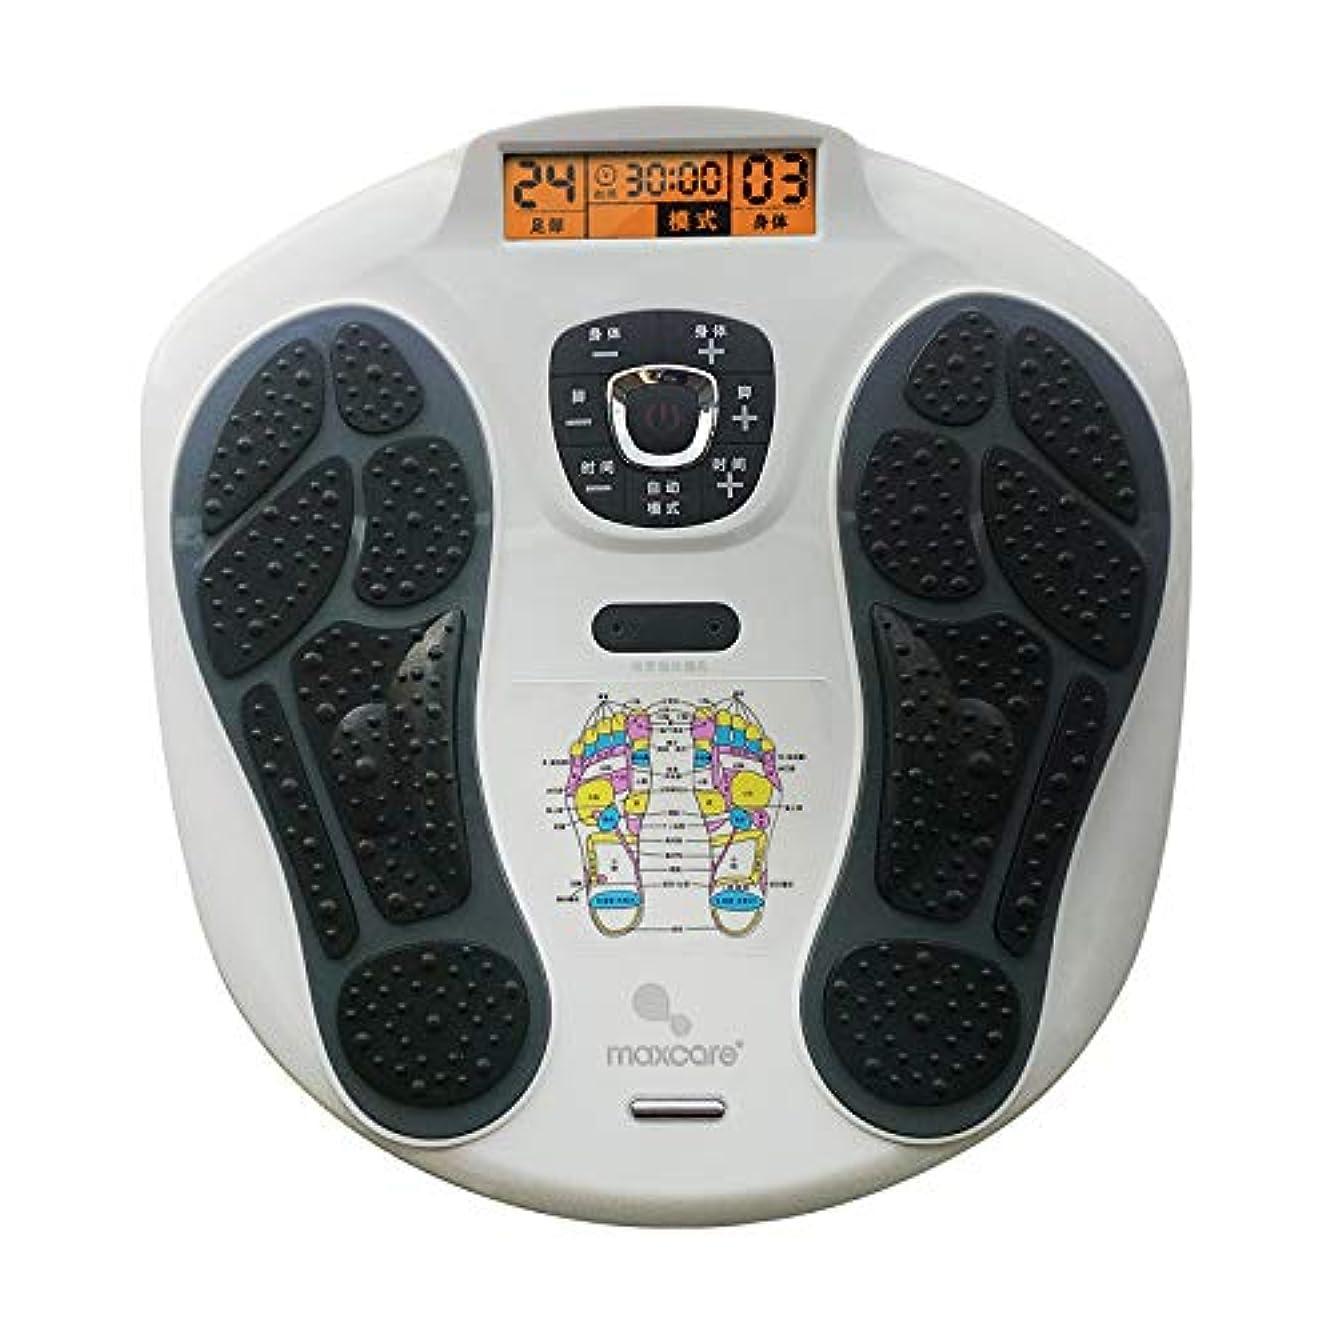 死ぬ品スキャンダラス電気の 足マッサージ、フルフットマッサージ体験のためのLEDディスプレイスクリーン、疲れて痛む足をリラックス 人間工学的デザイン